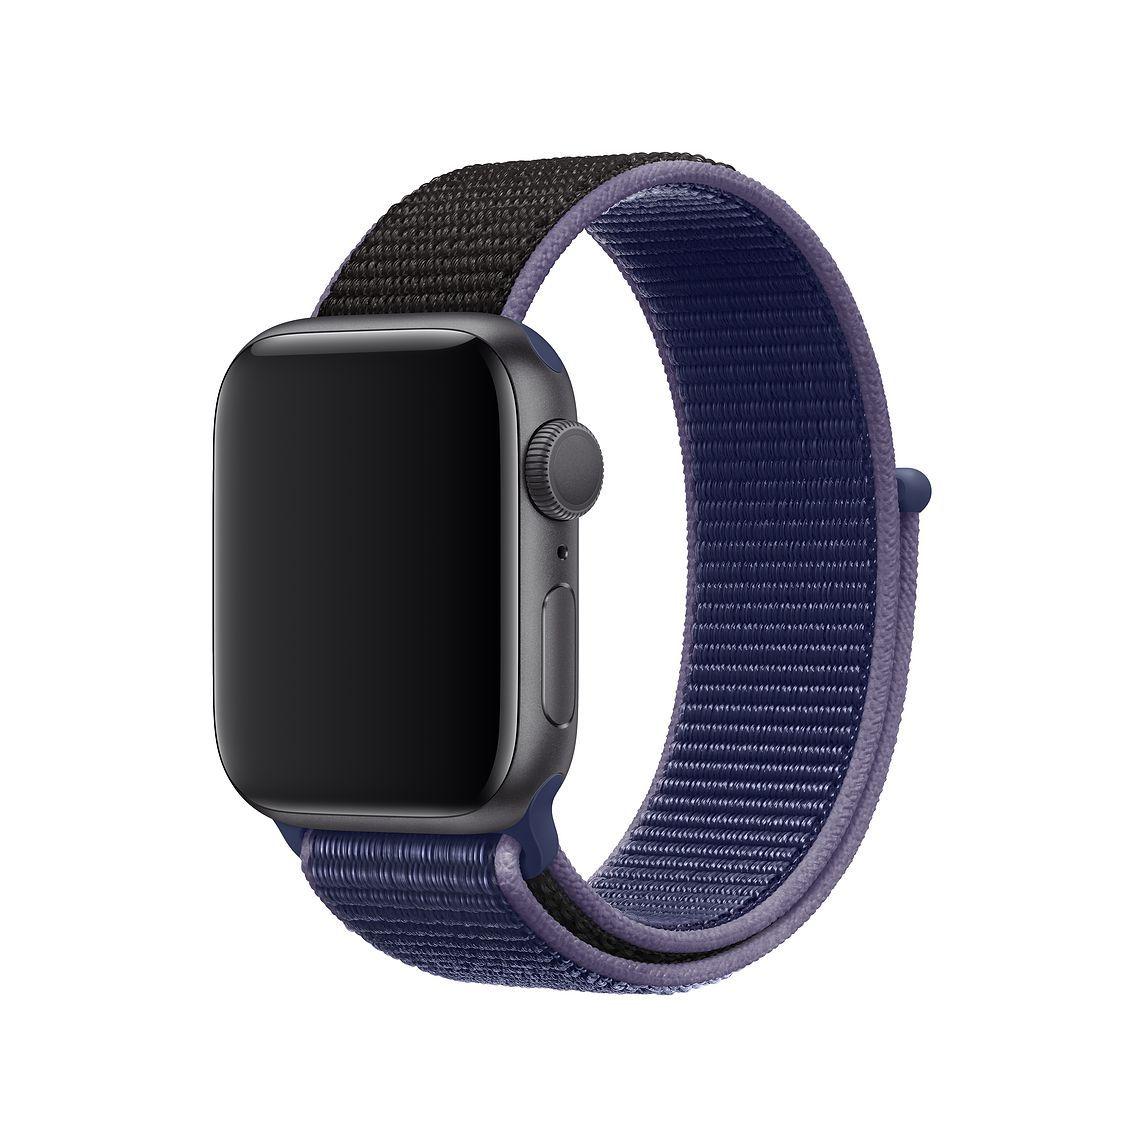 Nové varianty nylonových řemínků pro Apple Watch najdete